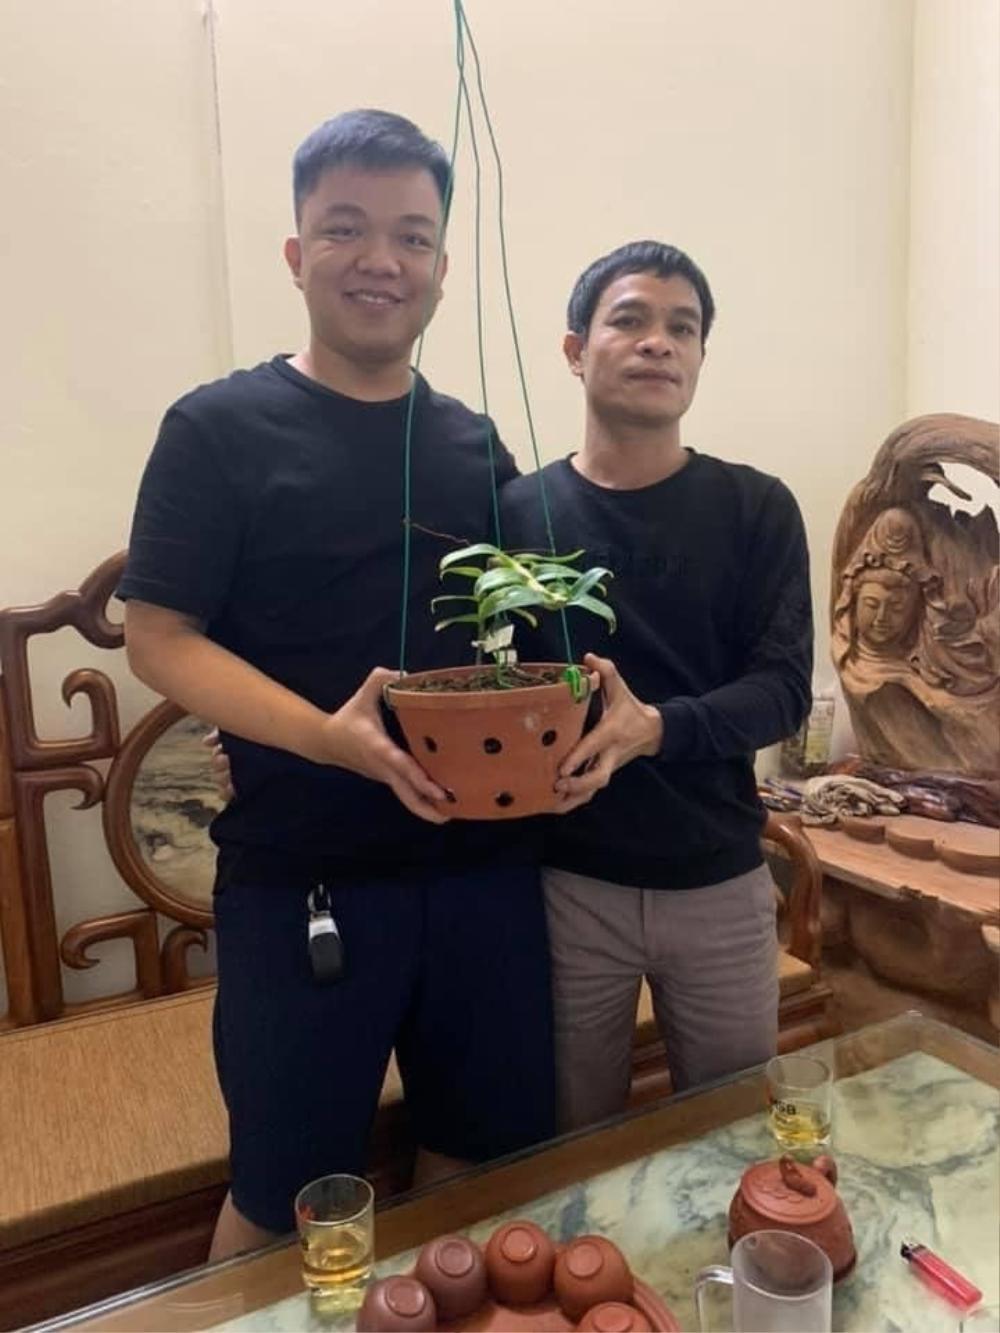 Nghệ nhân Nguyễn Đức Đại – chinh phục được hoa lan là một việc làm đầy thử thách Ảnh 5